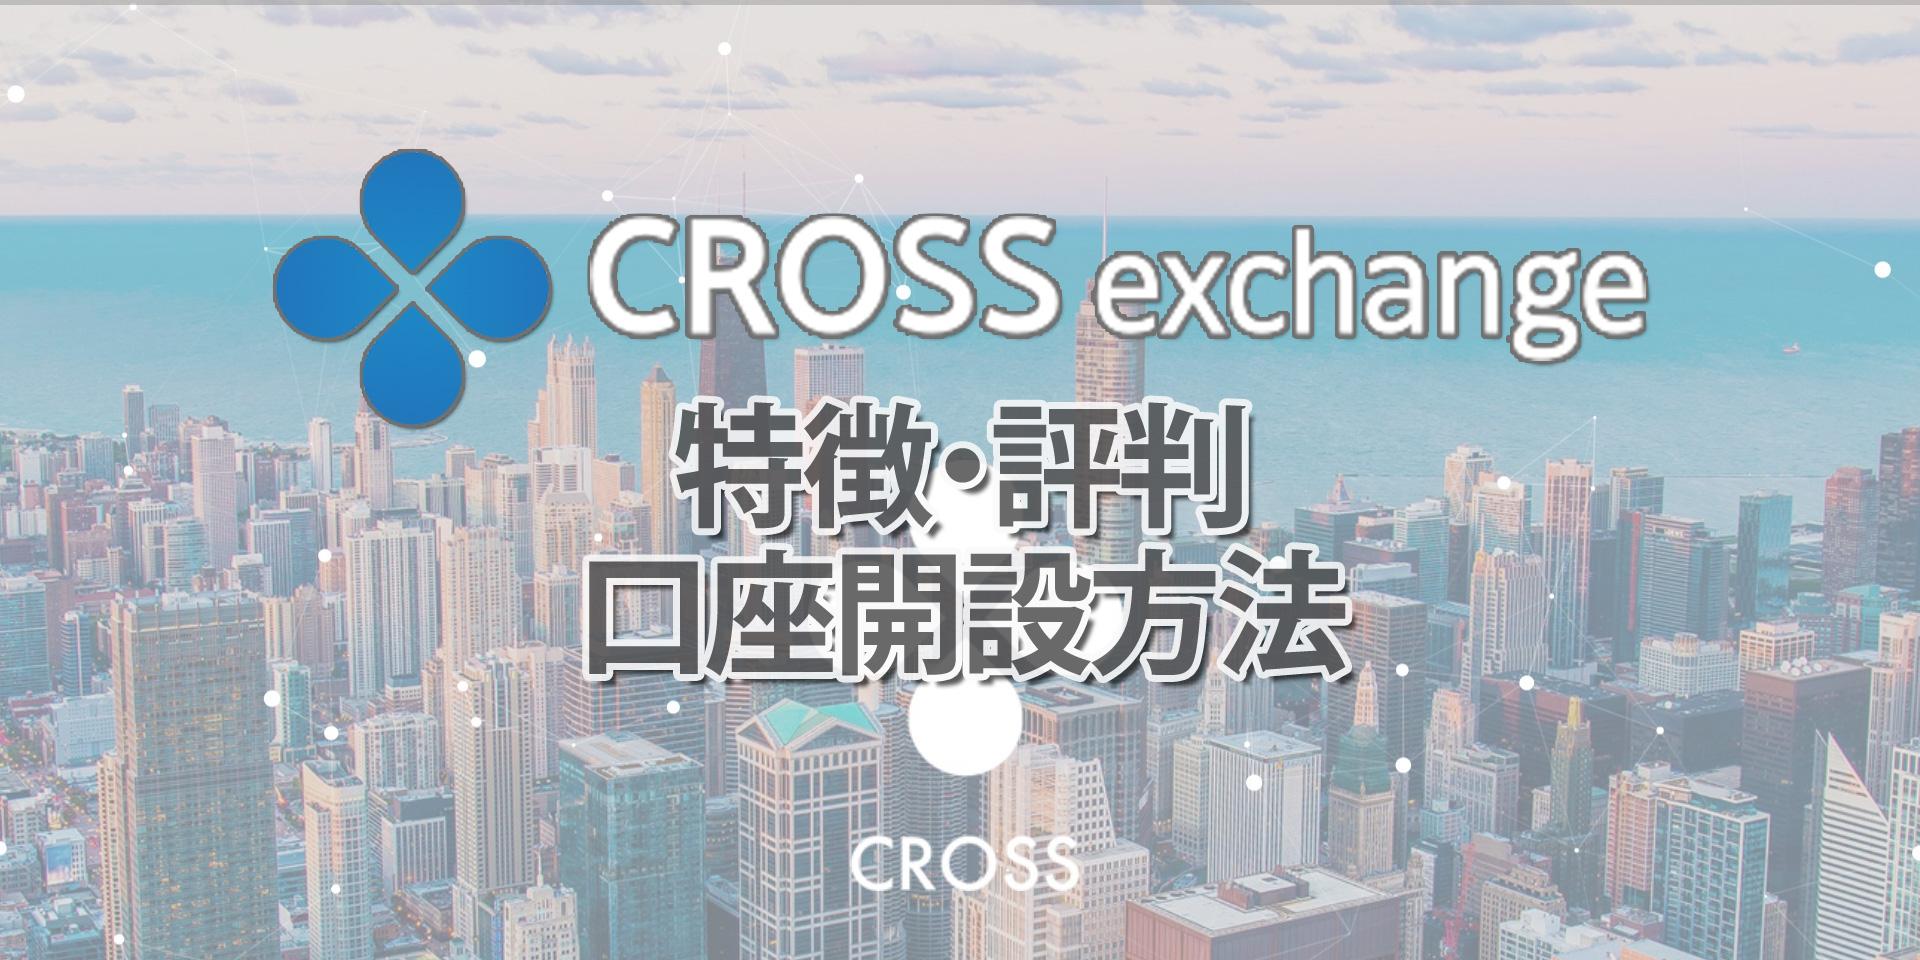 クロスエクスチェンジ登録方法アイキャッチ